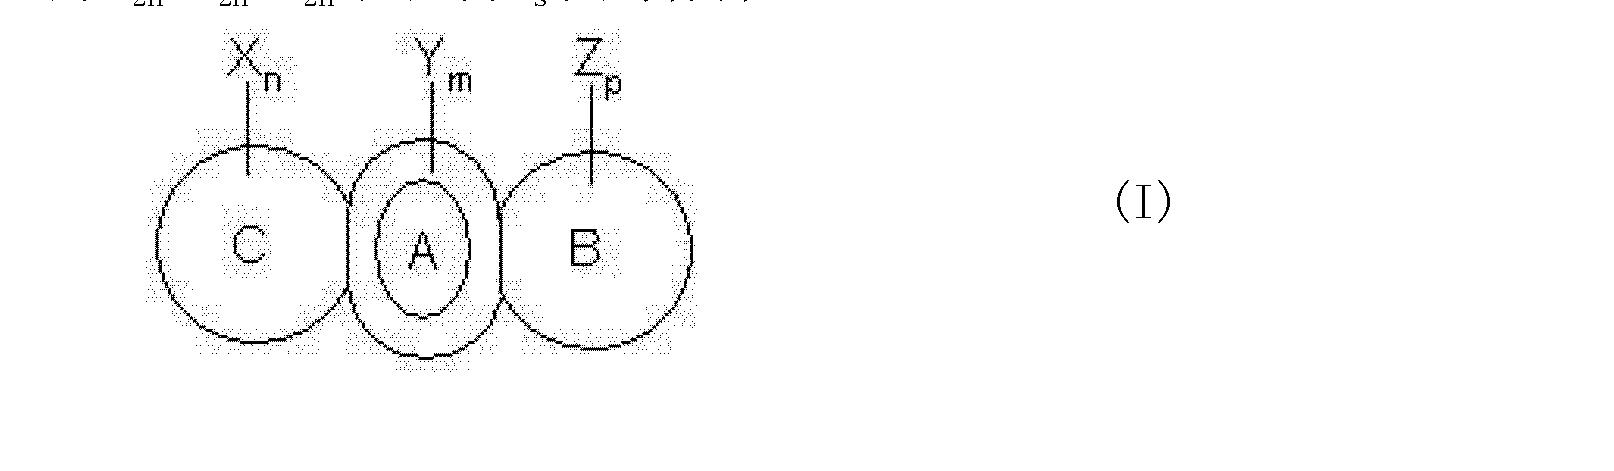 Figure CN101356662BC00122